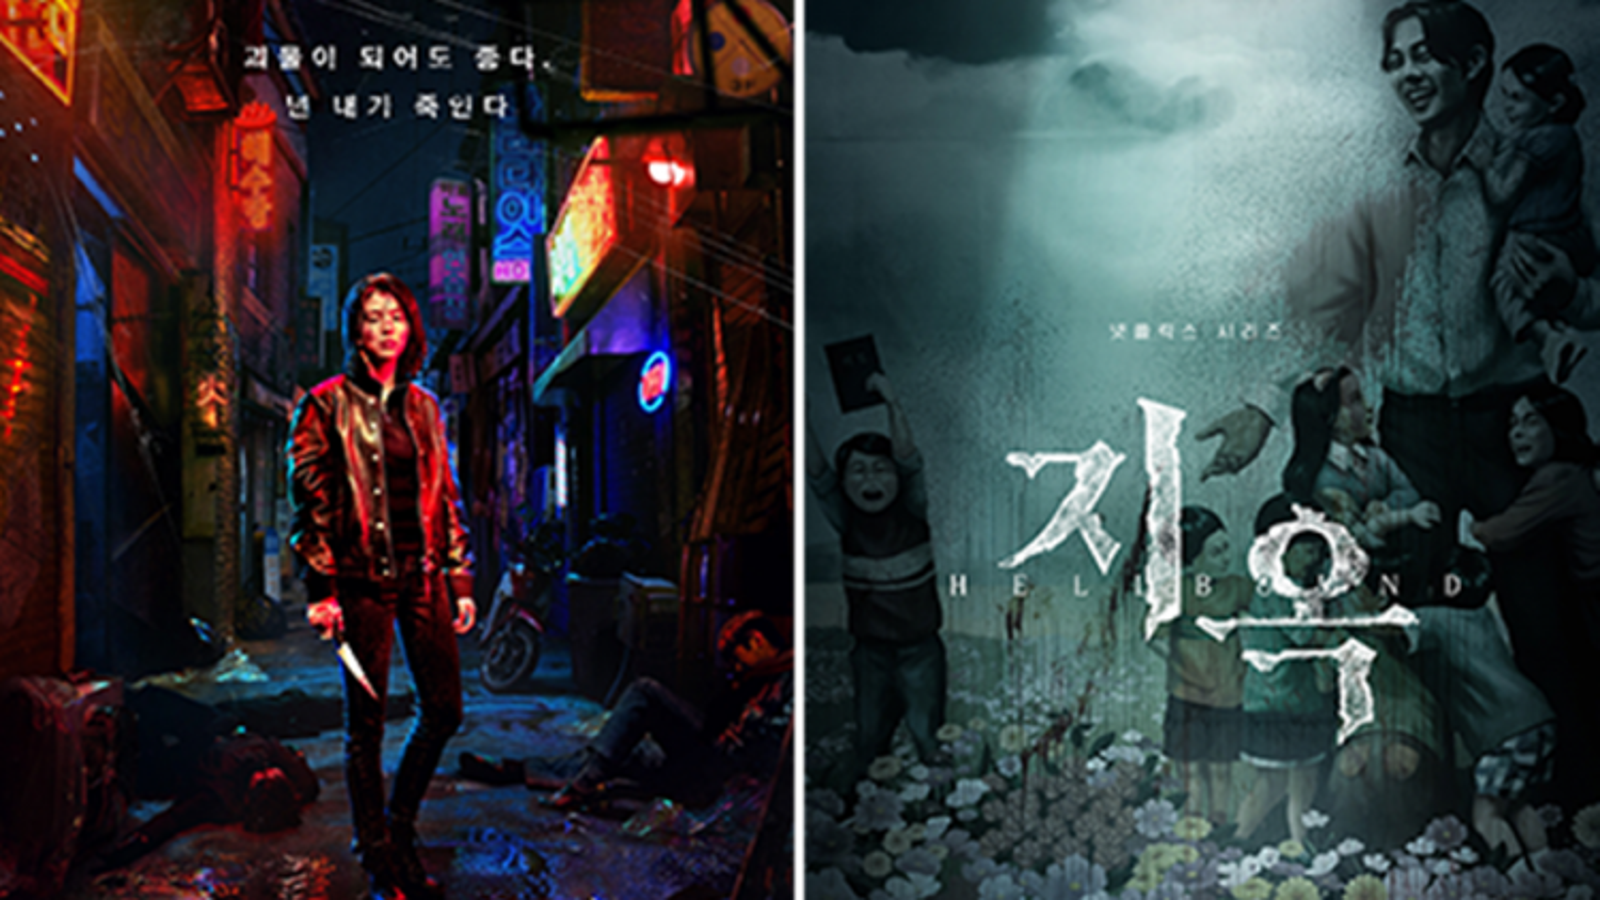 Liên hoan phim quốc tế Busan 2021 mở rộng cánh cửa cho phim trực tuyến từ Netflix, HBO